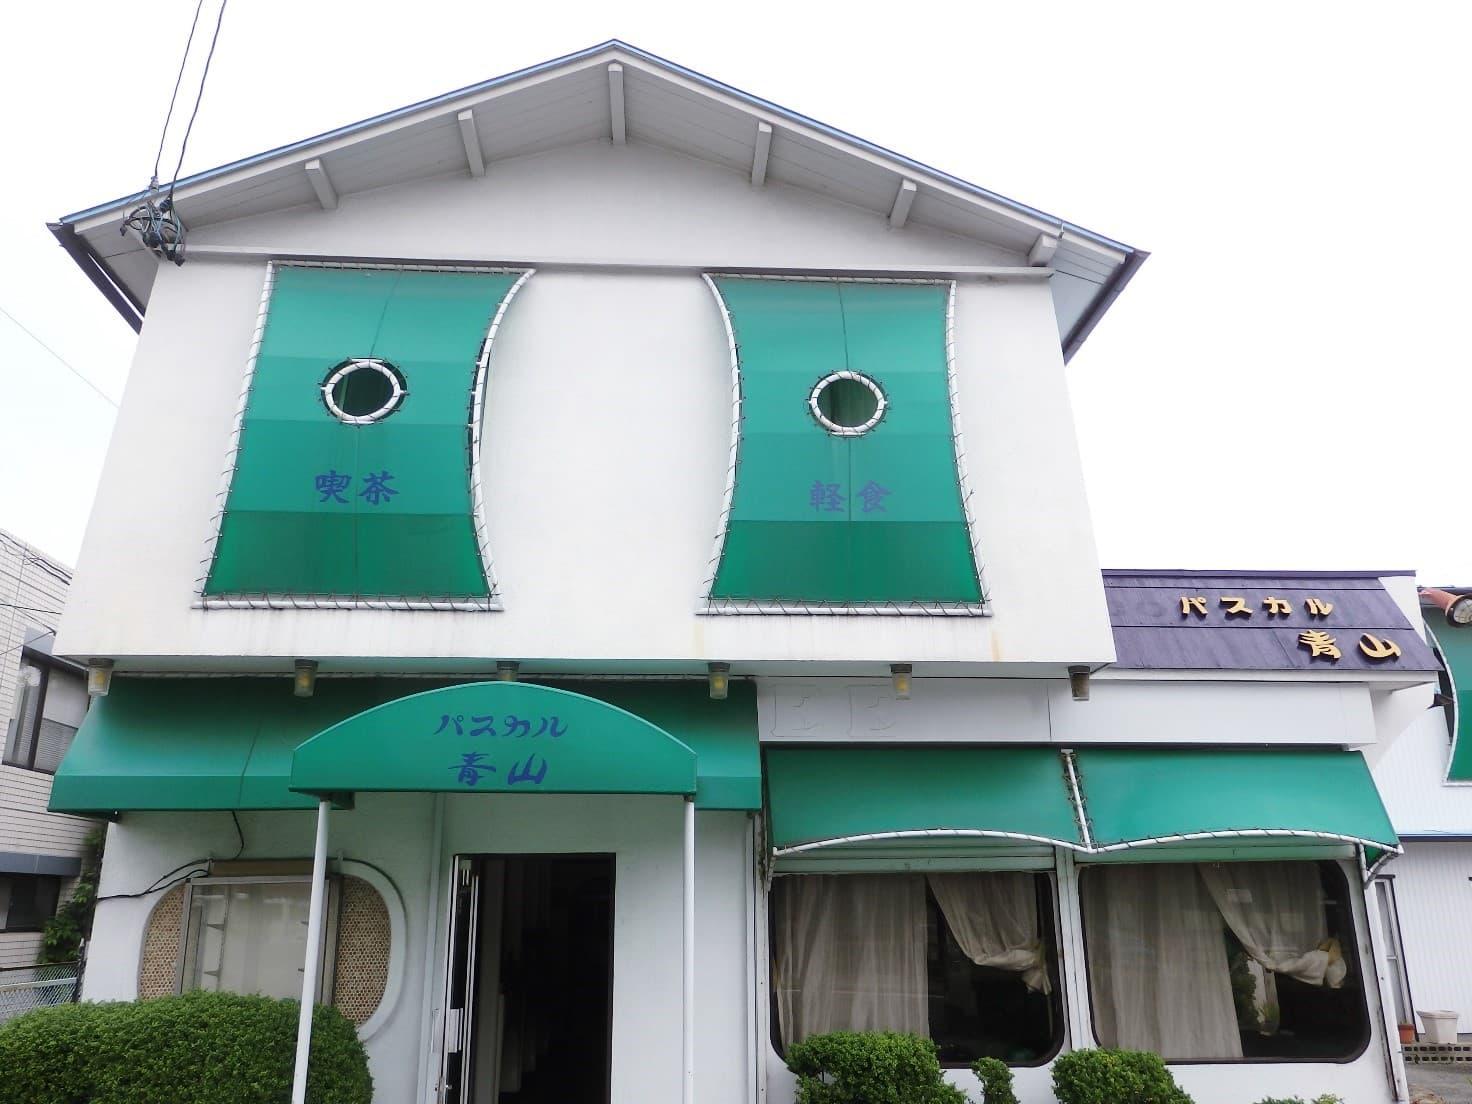 名古屋の純喫茶「パスカル青山」の画像